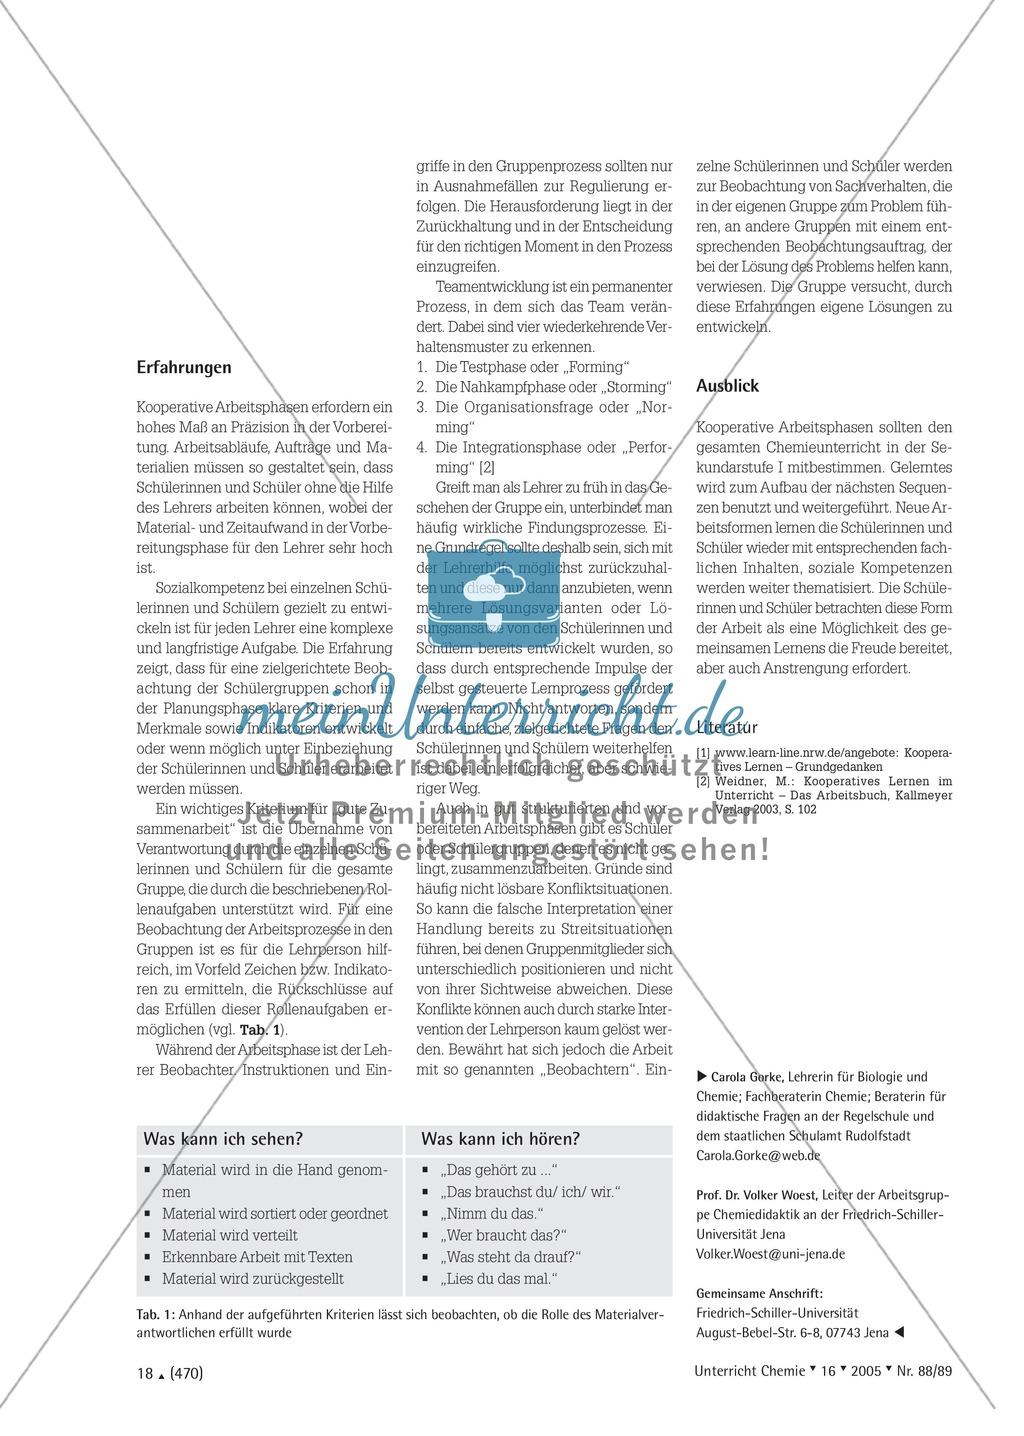 Kooperatives Lernen nach dem DAB-Prinzip - Stoffgemische und Trennverfahren Preview 3